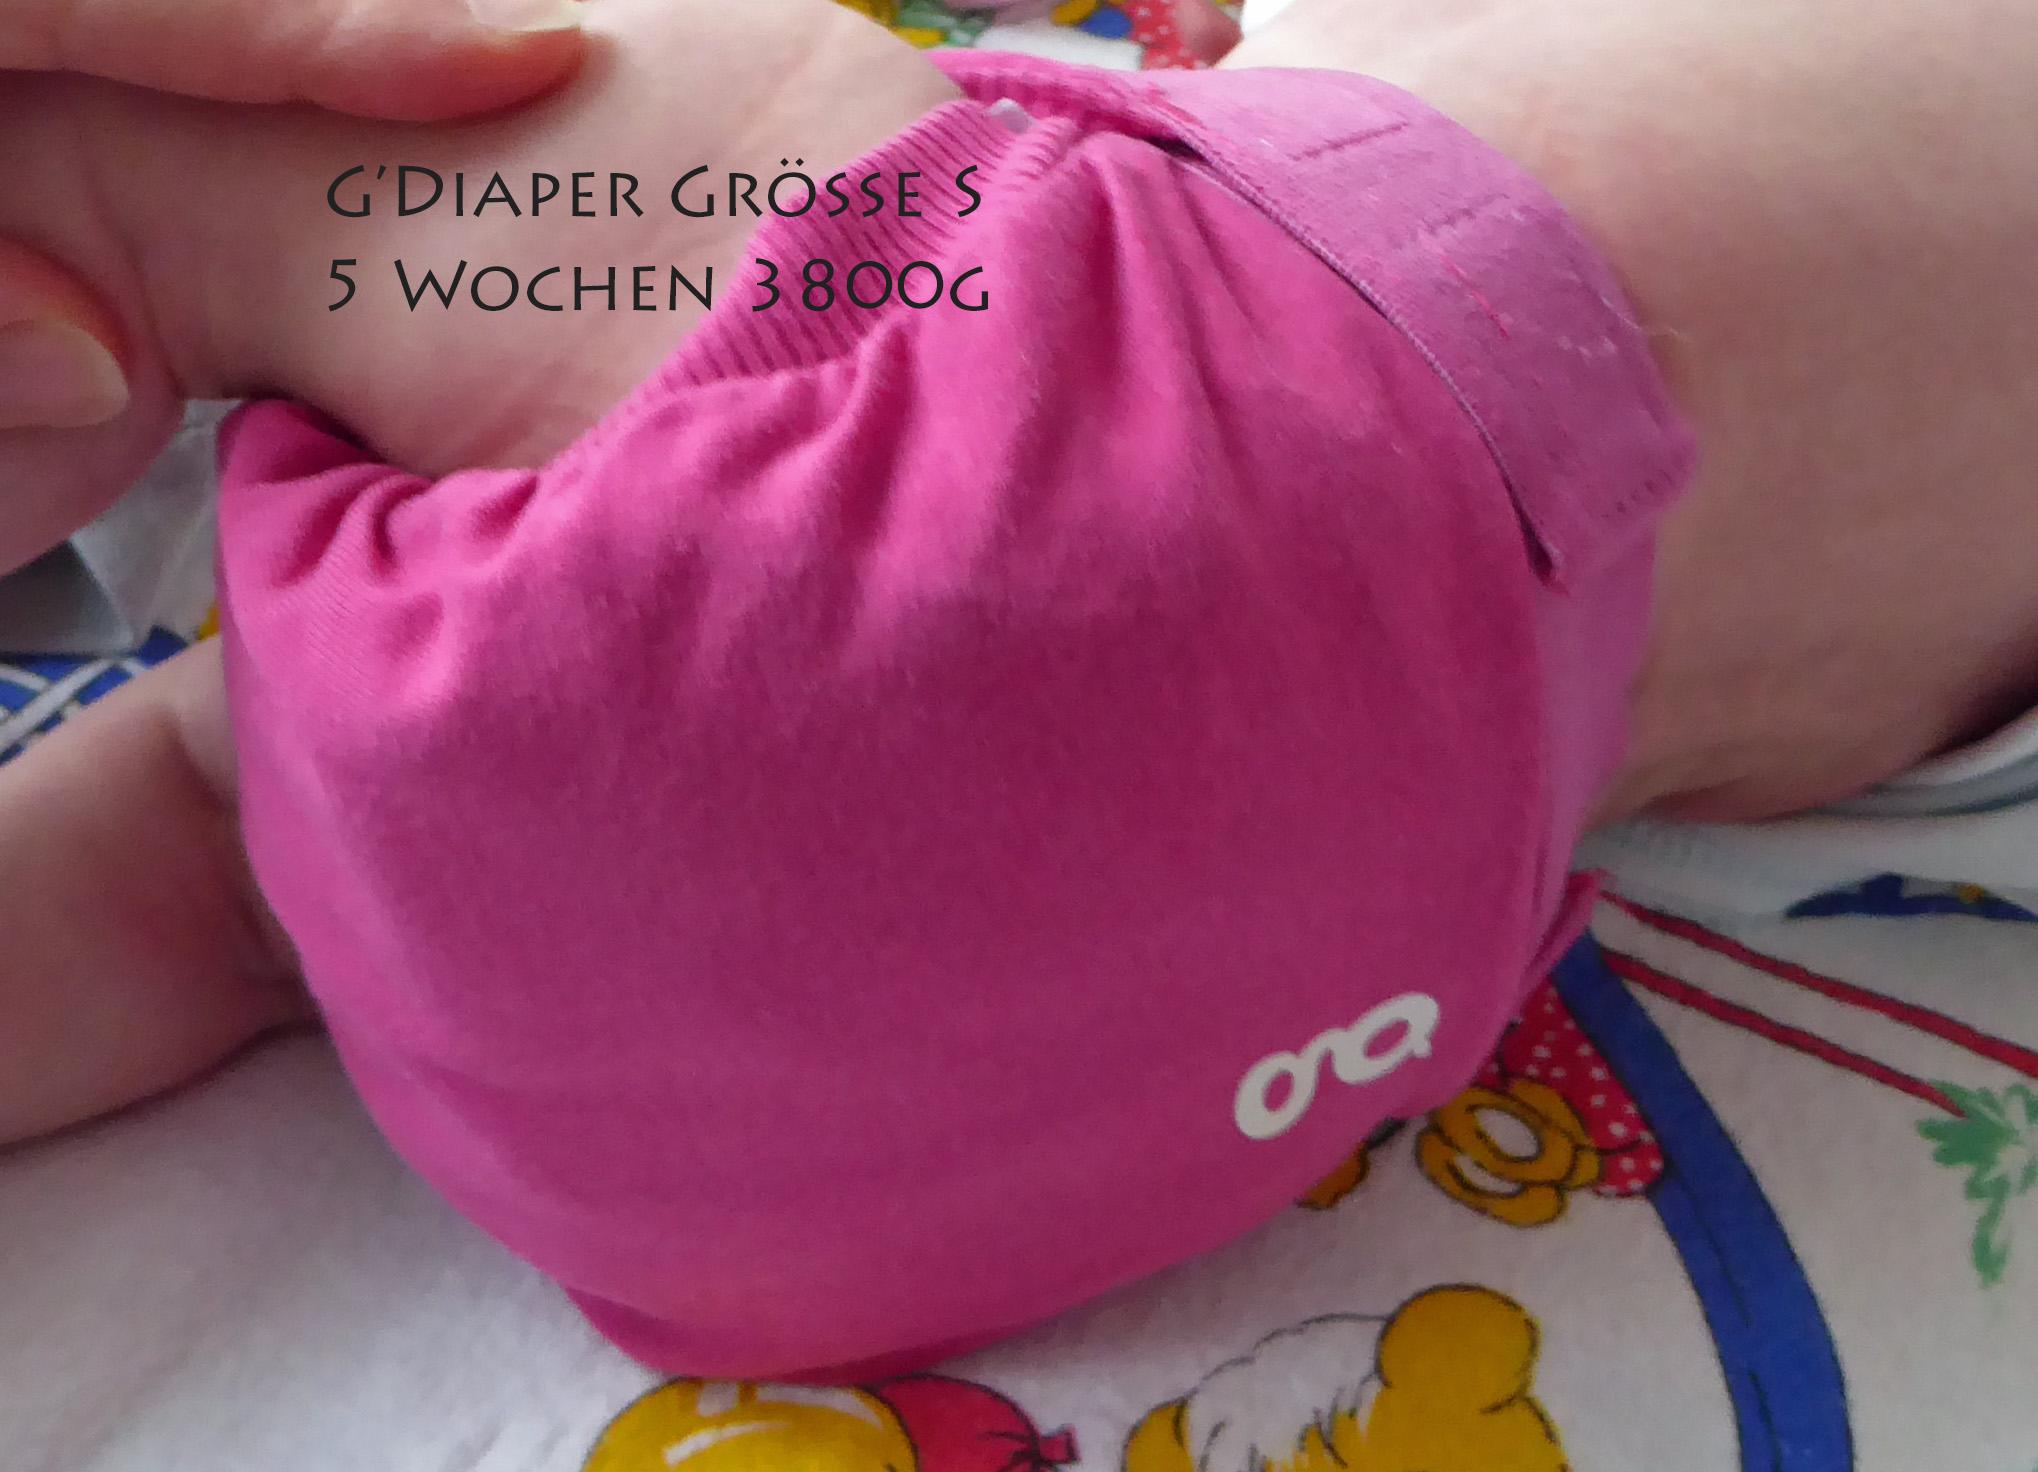 G-Diaper Größe S